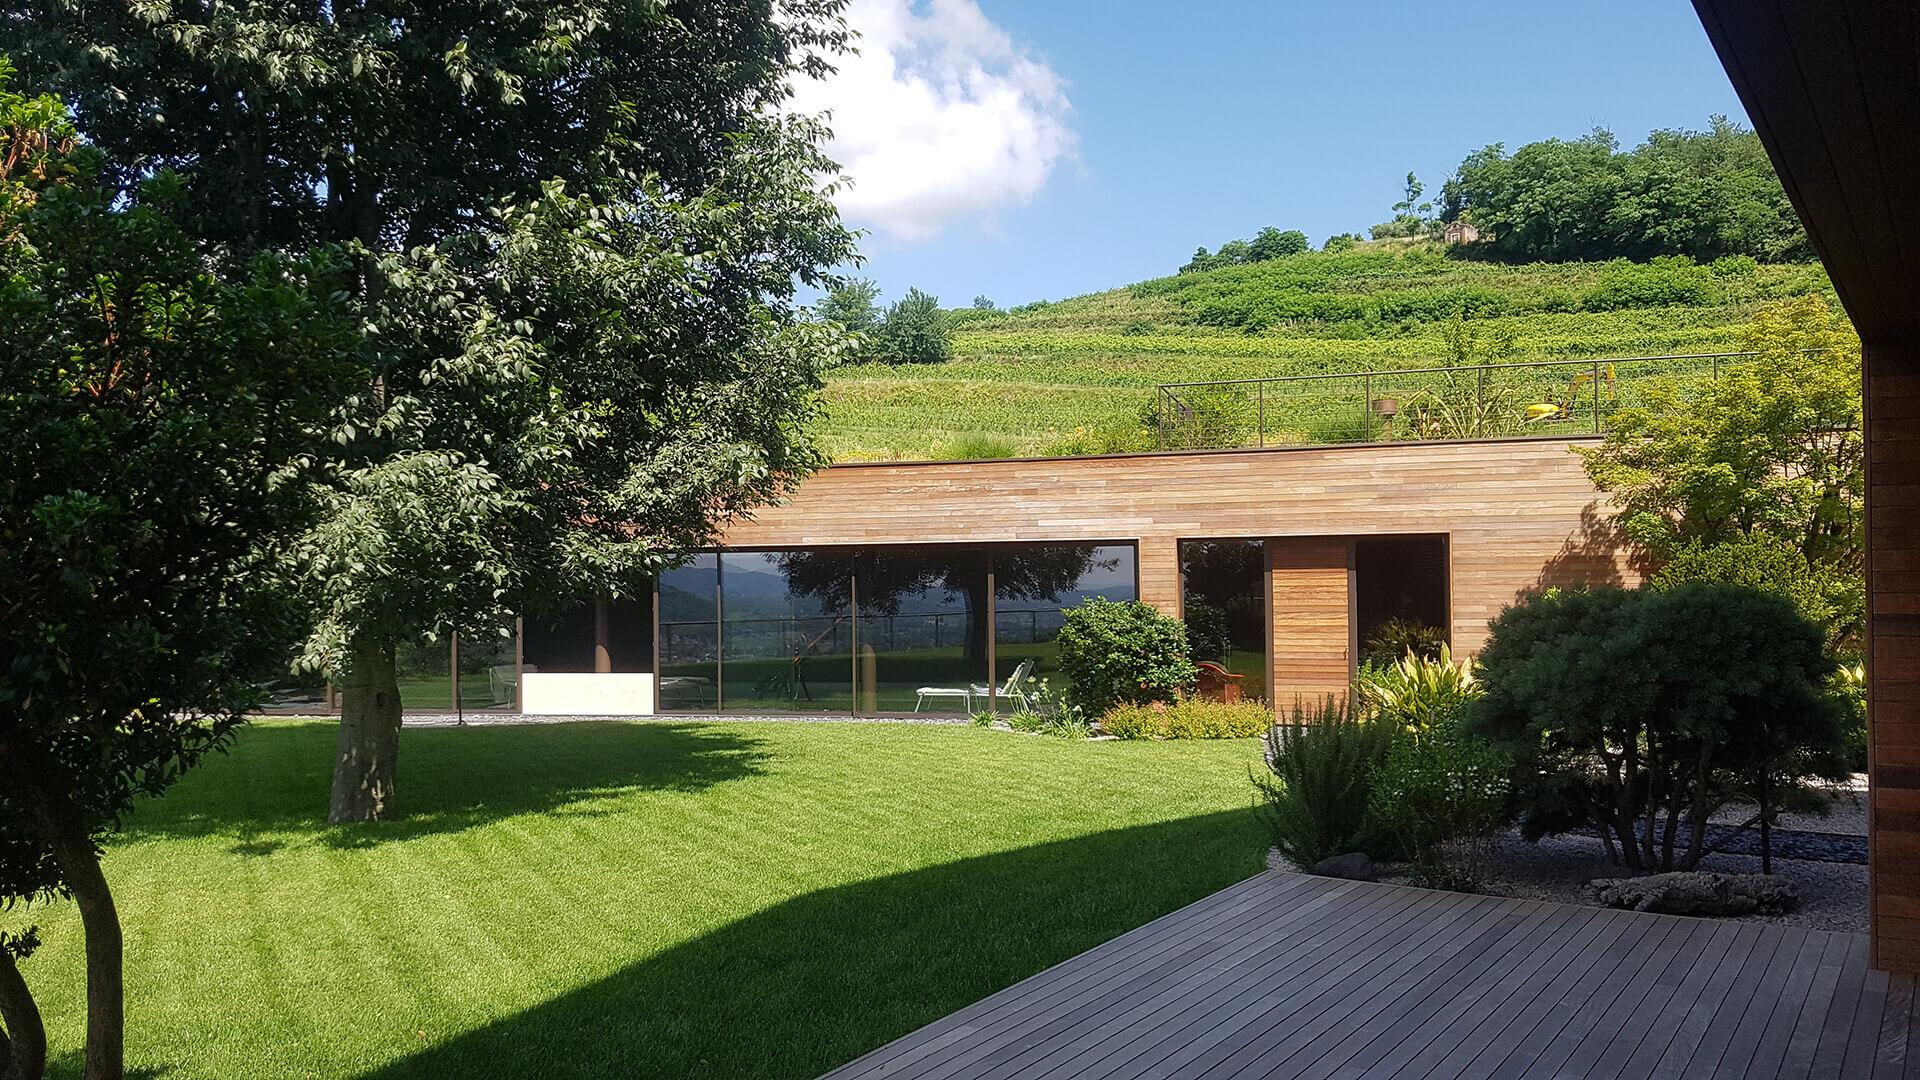 progettazione e realizzazione giardini vicenza - verde blu